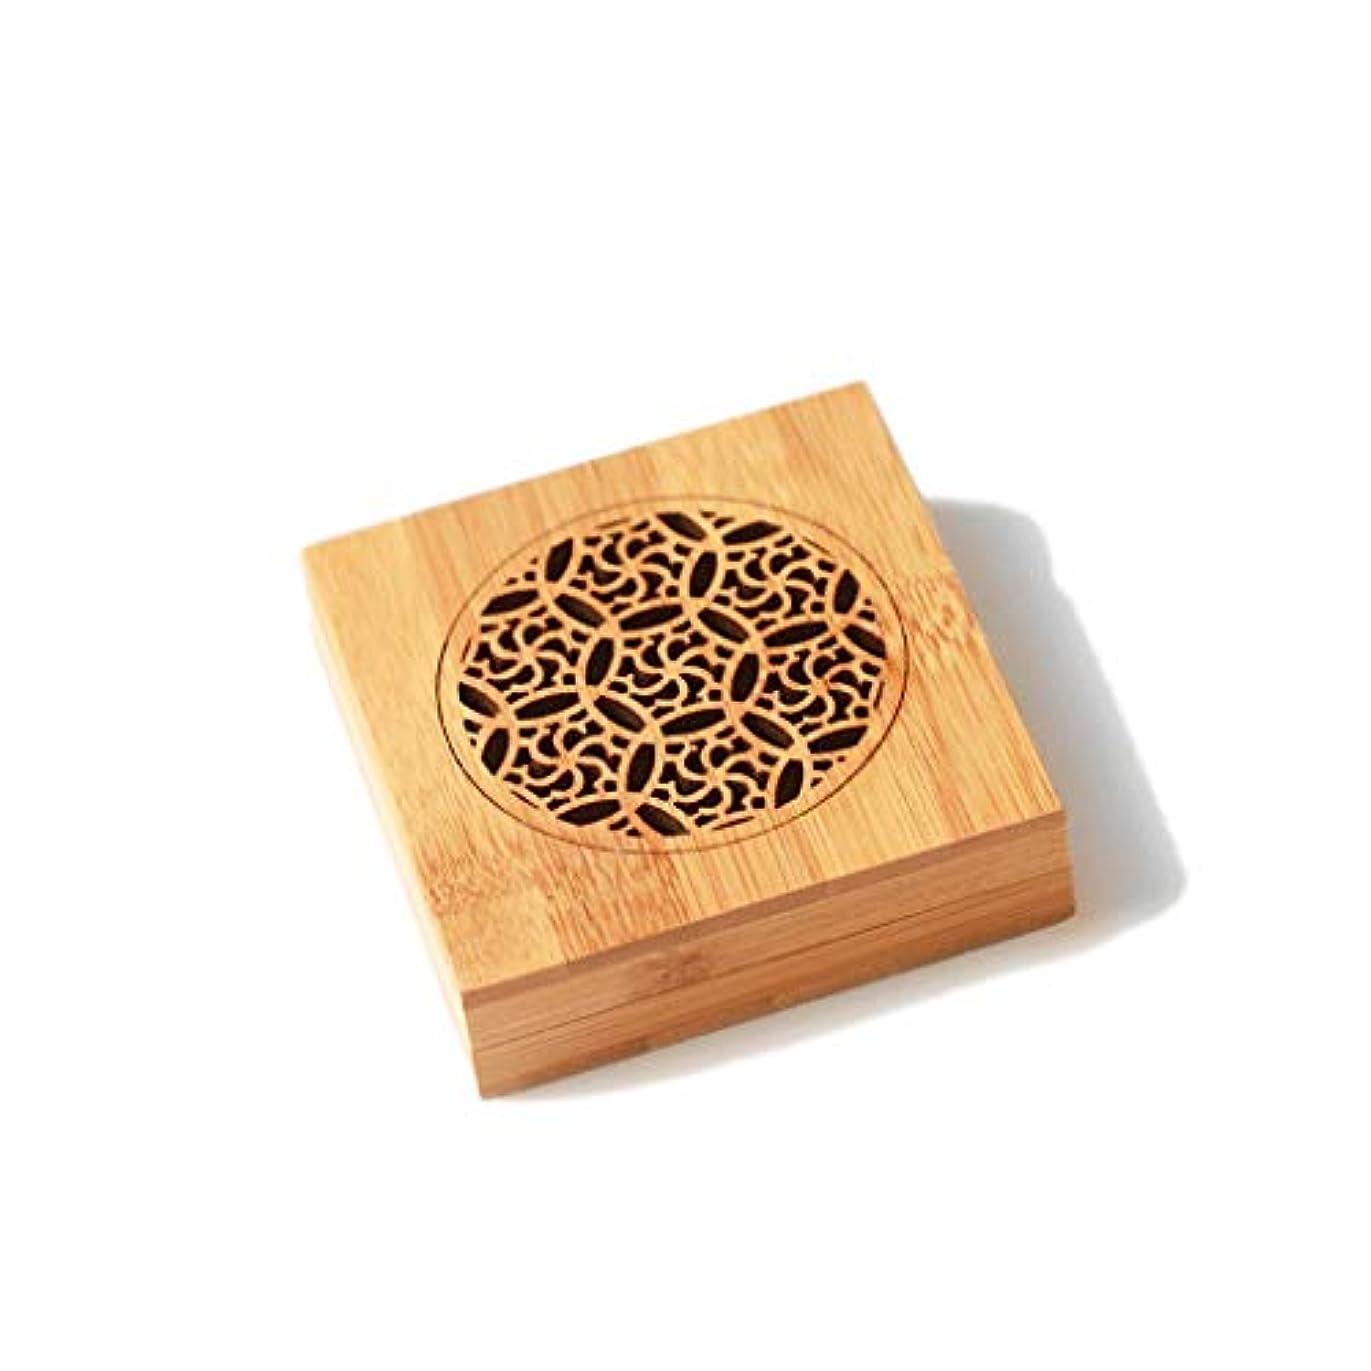 出発するみがっかりする竹の香バーナーコイルの香バーナー部屋の装飾瞑想竹の香り天然素材香ホルダー 芳香器?アロマバーナー (Color : WOOD, サイズ : Square)